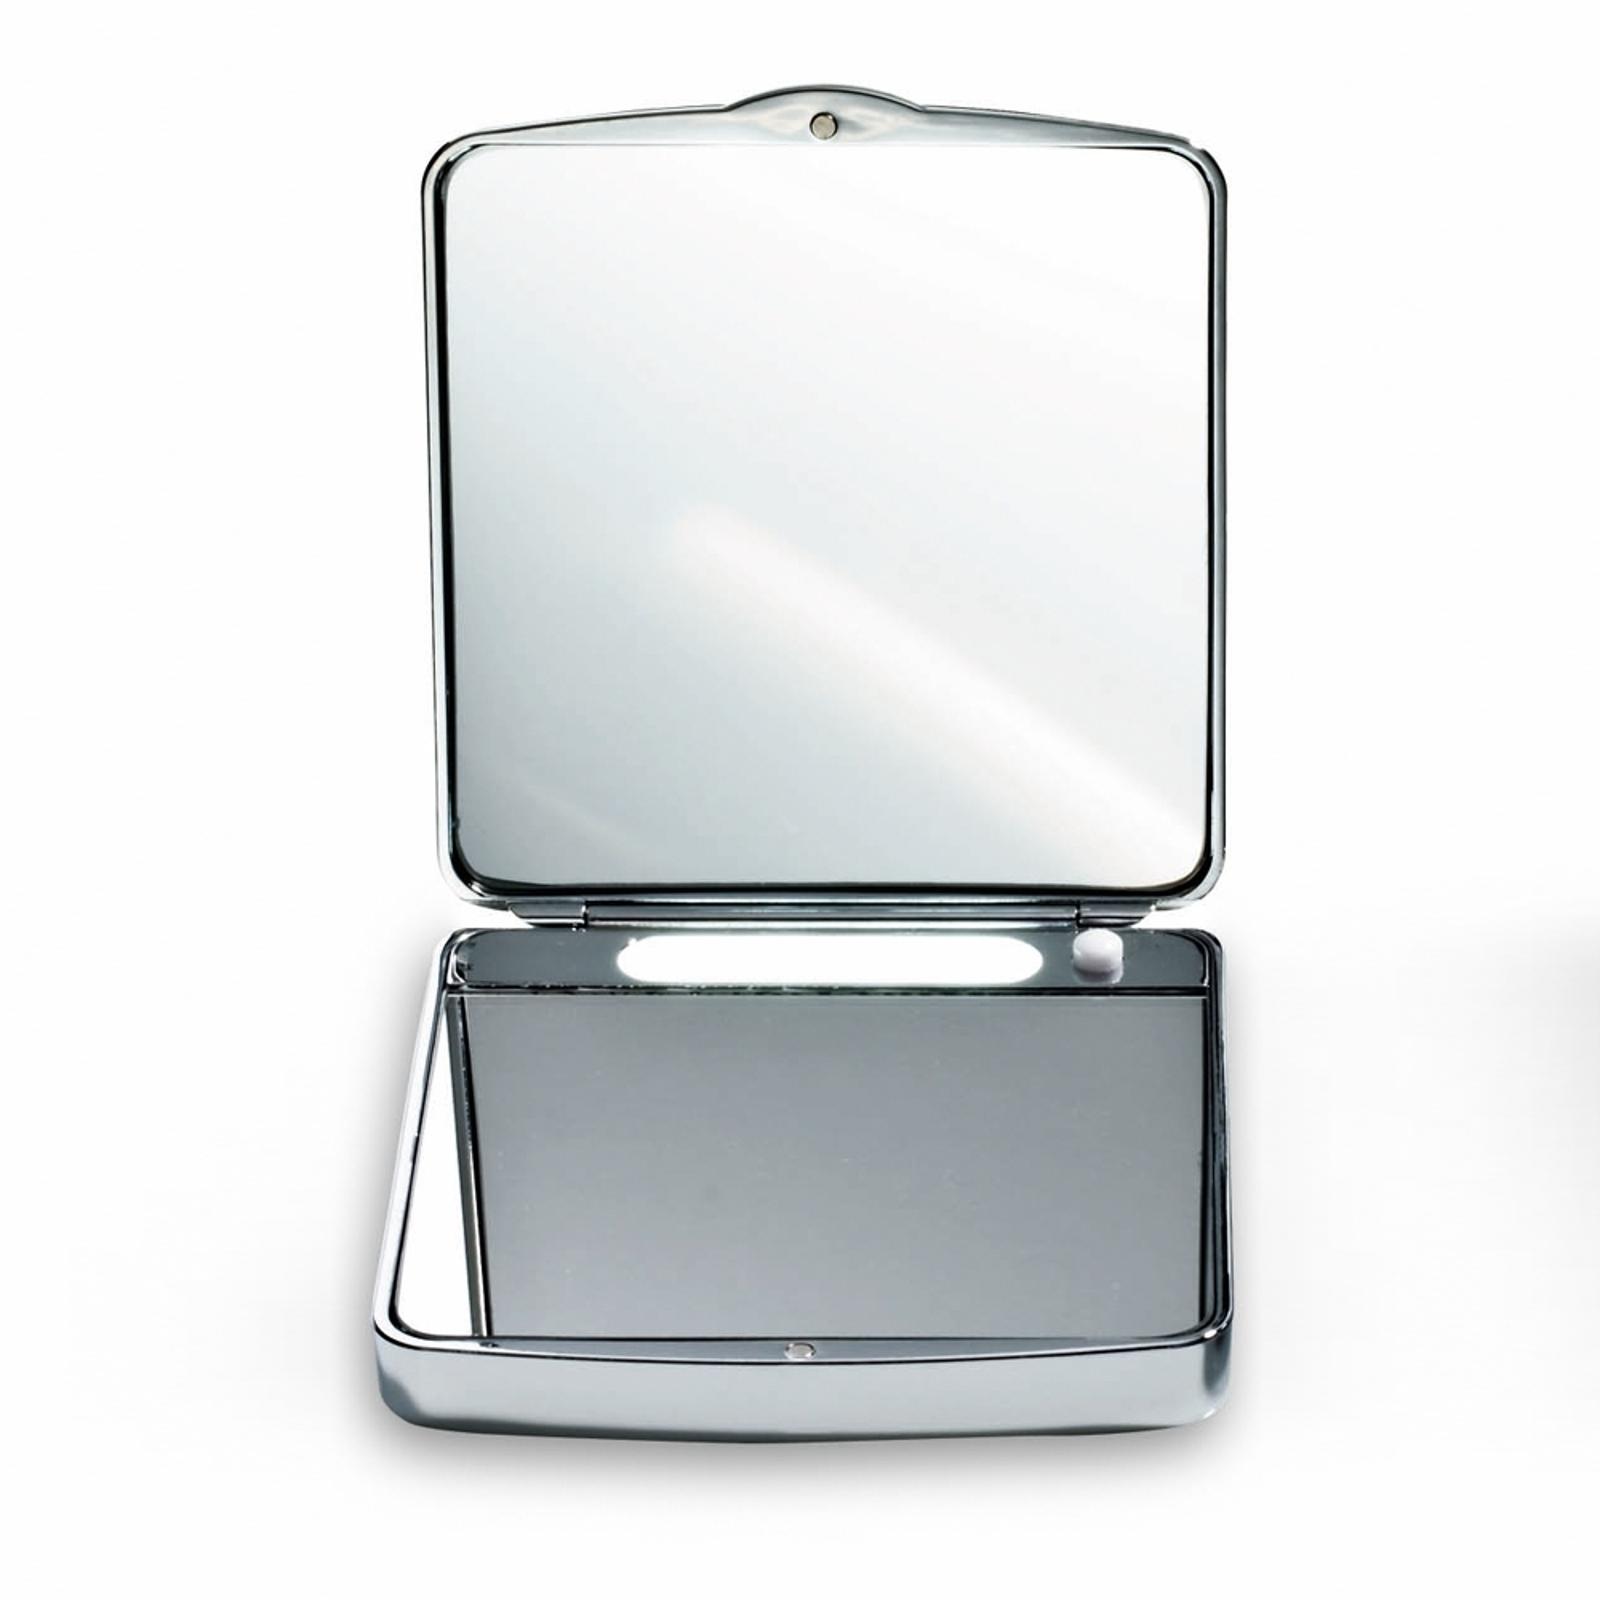 Decor Walther TS 1 osvetlené vreckové zrkadlo_2504356_1